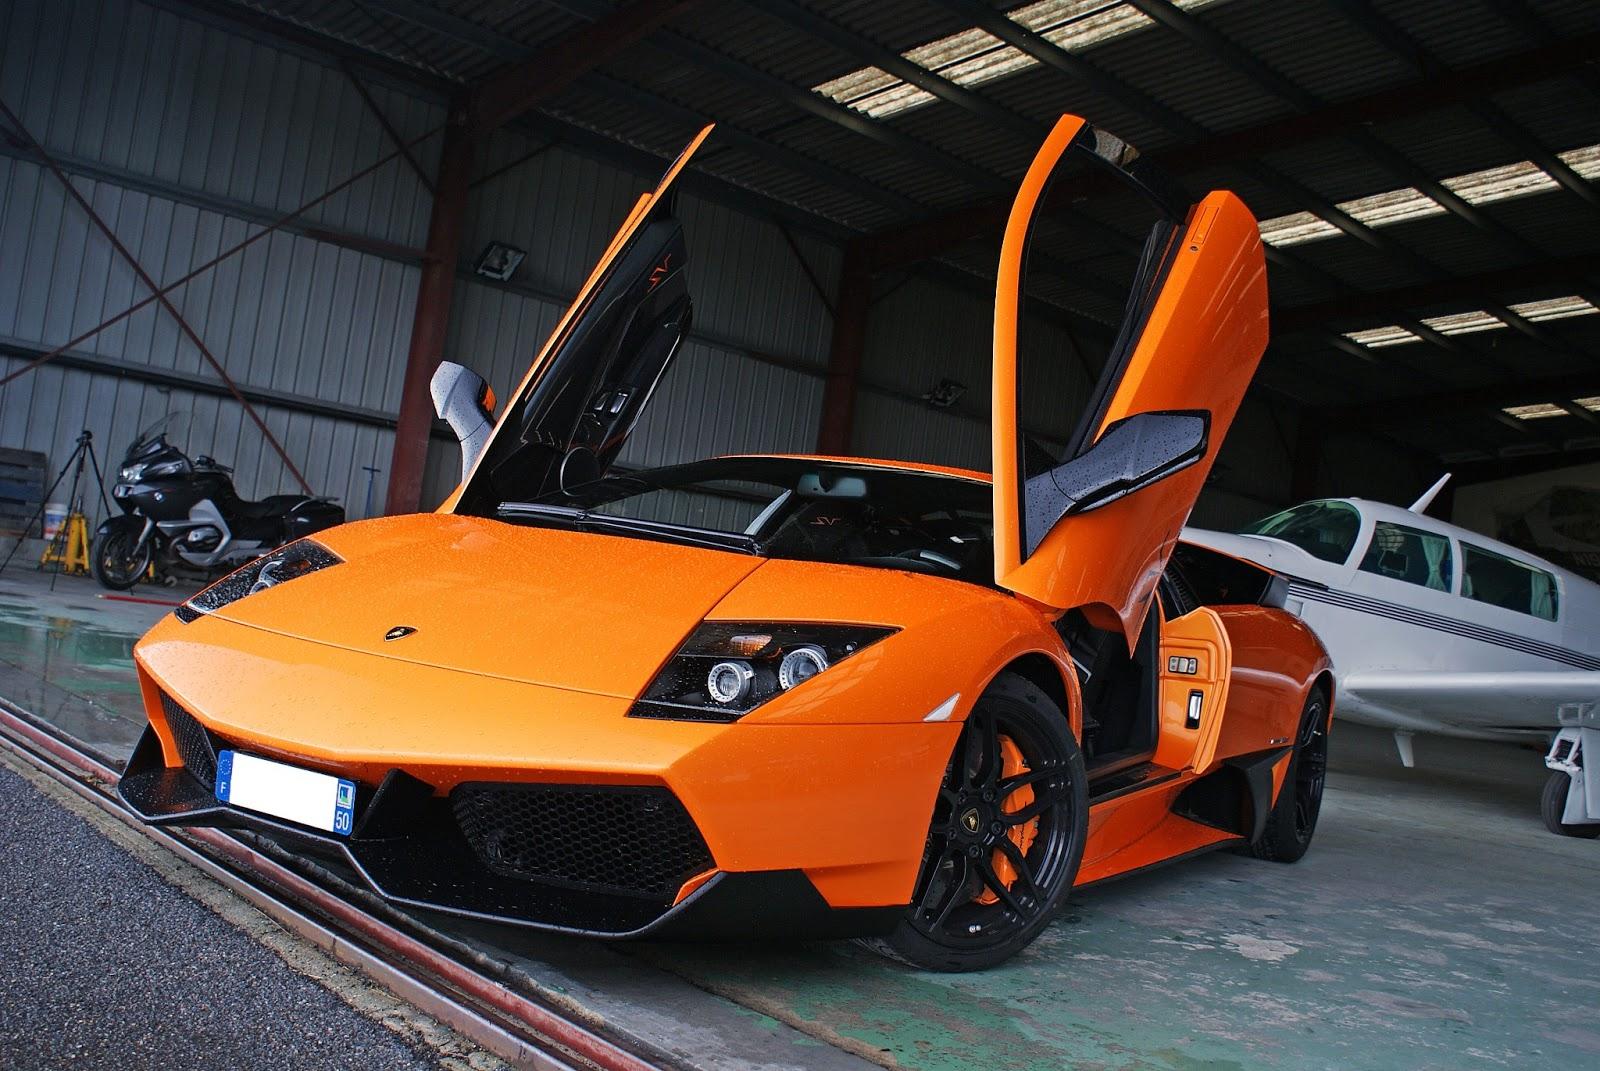 Luxury Lamborghini Cars: Orange Lamborghini Murcielago ...